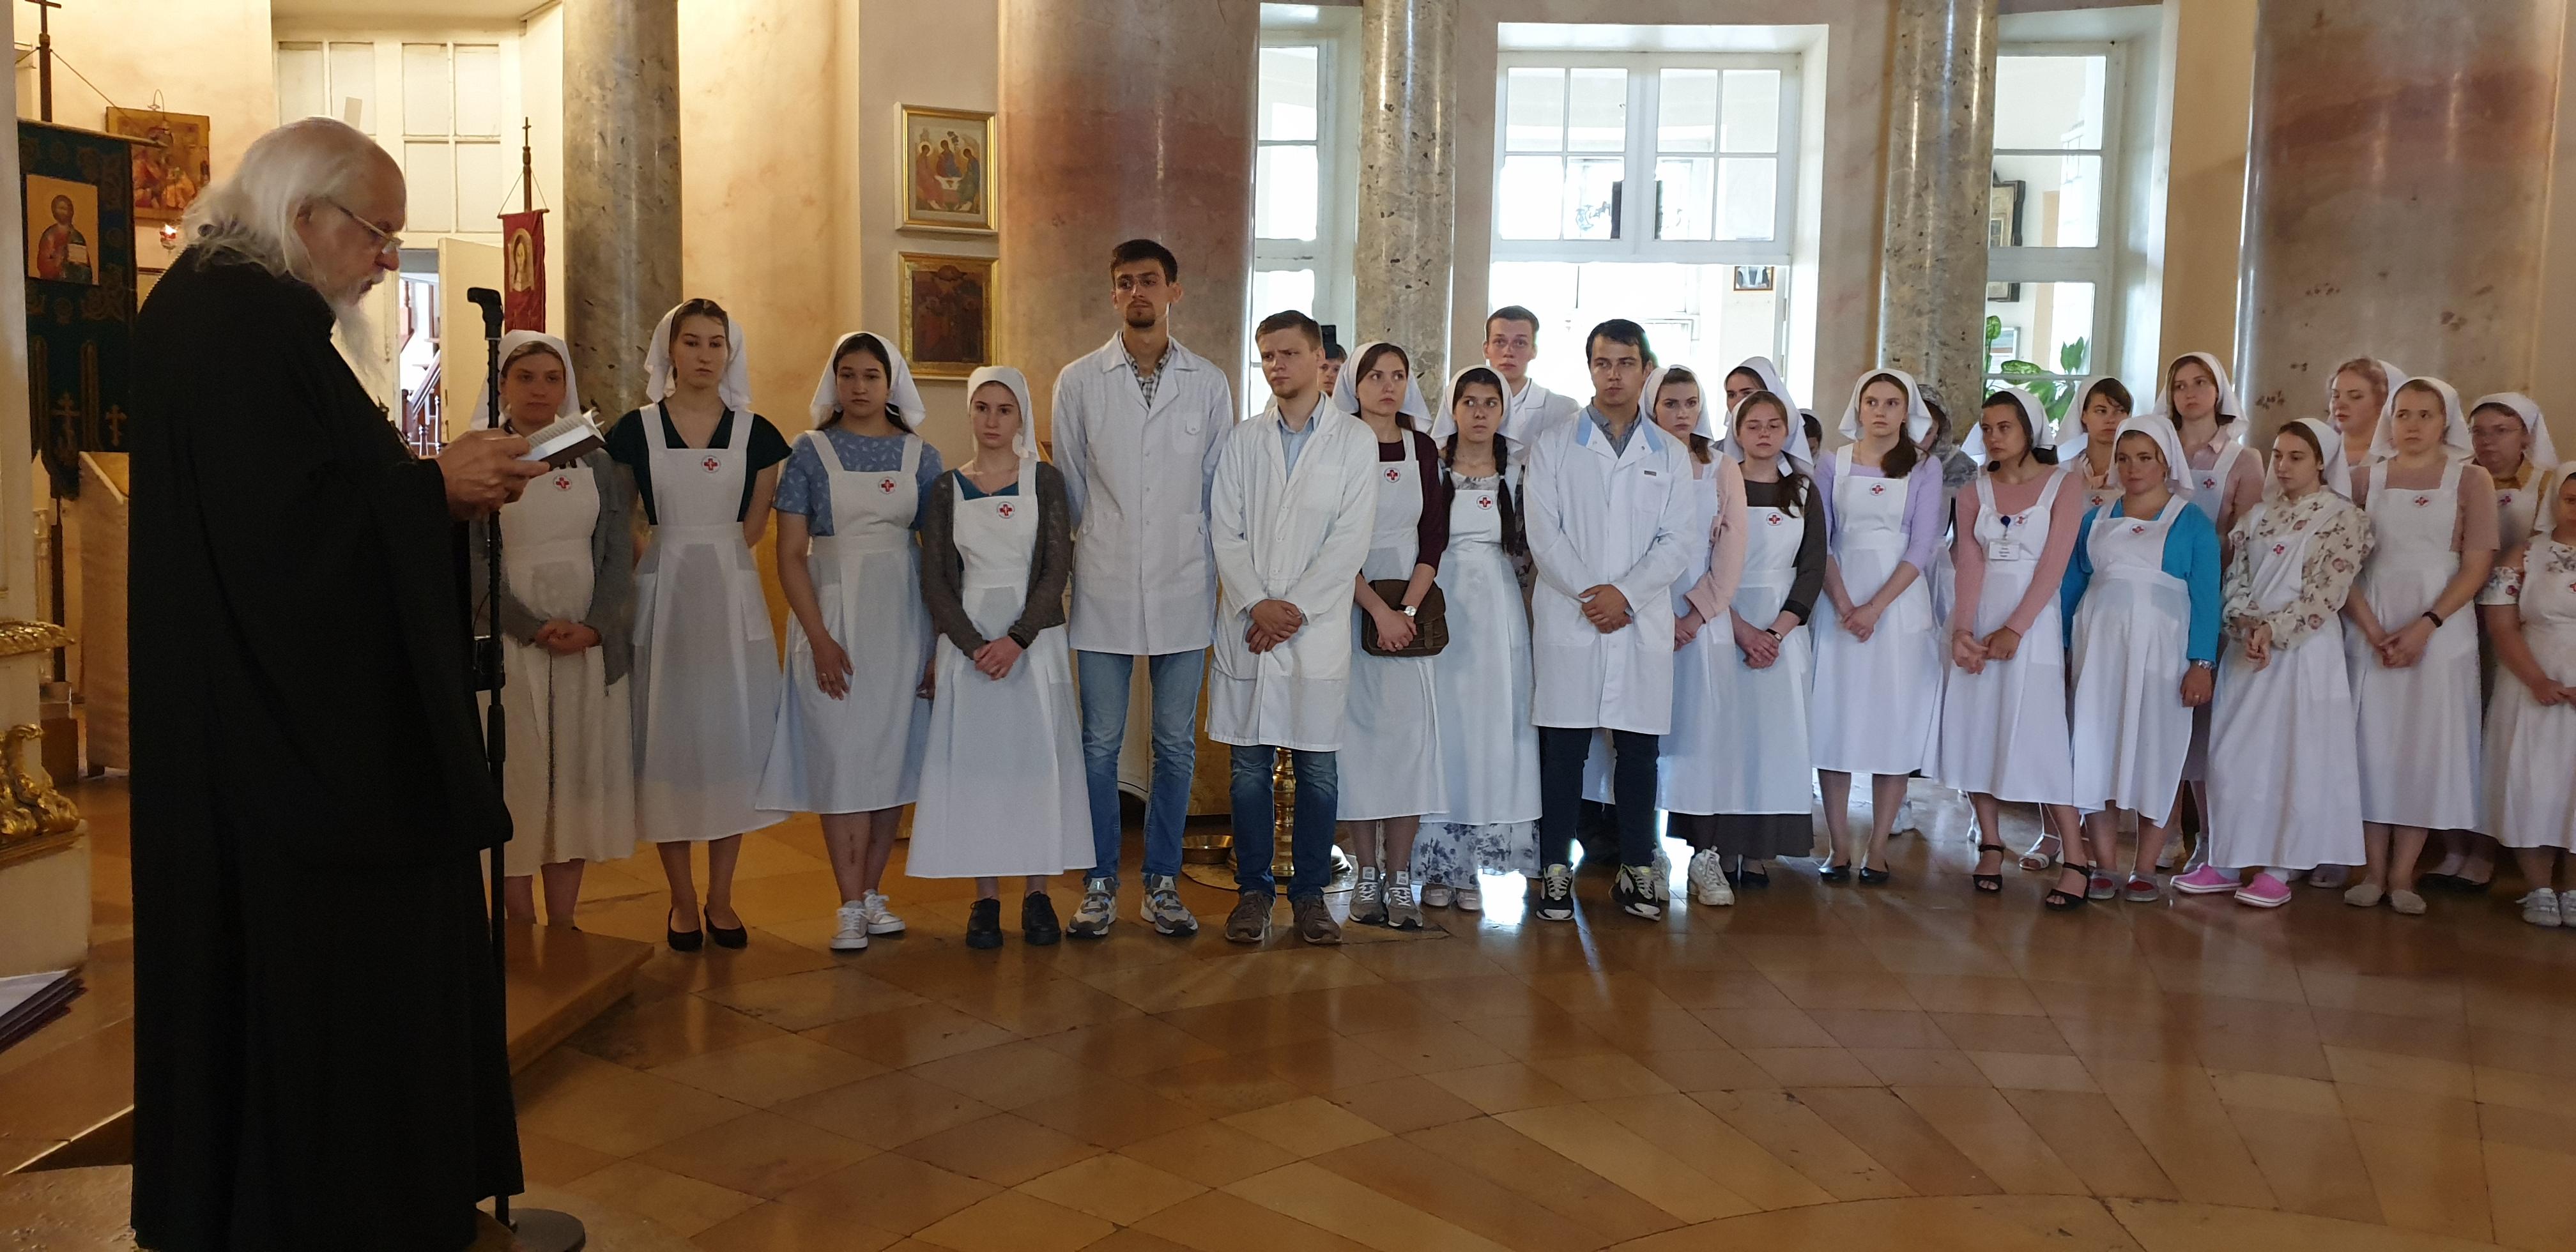 Епископ Пантелеимон вручил дипломы выпускникам Свято-Димитриевского училища сестер милосердия